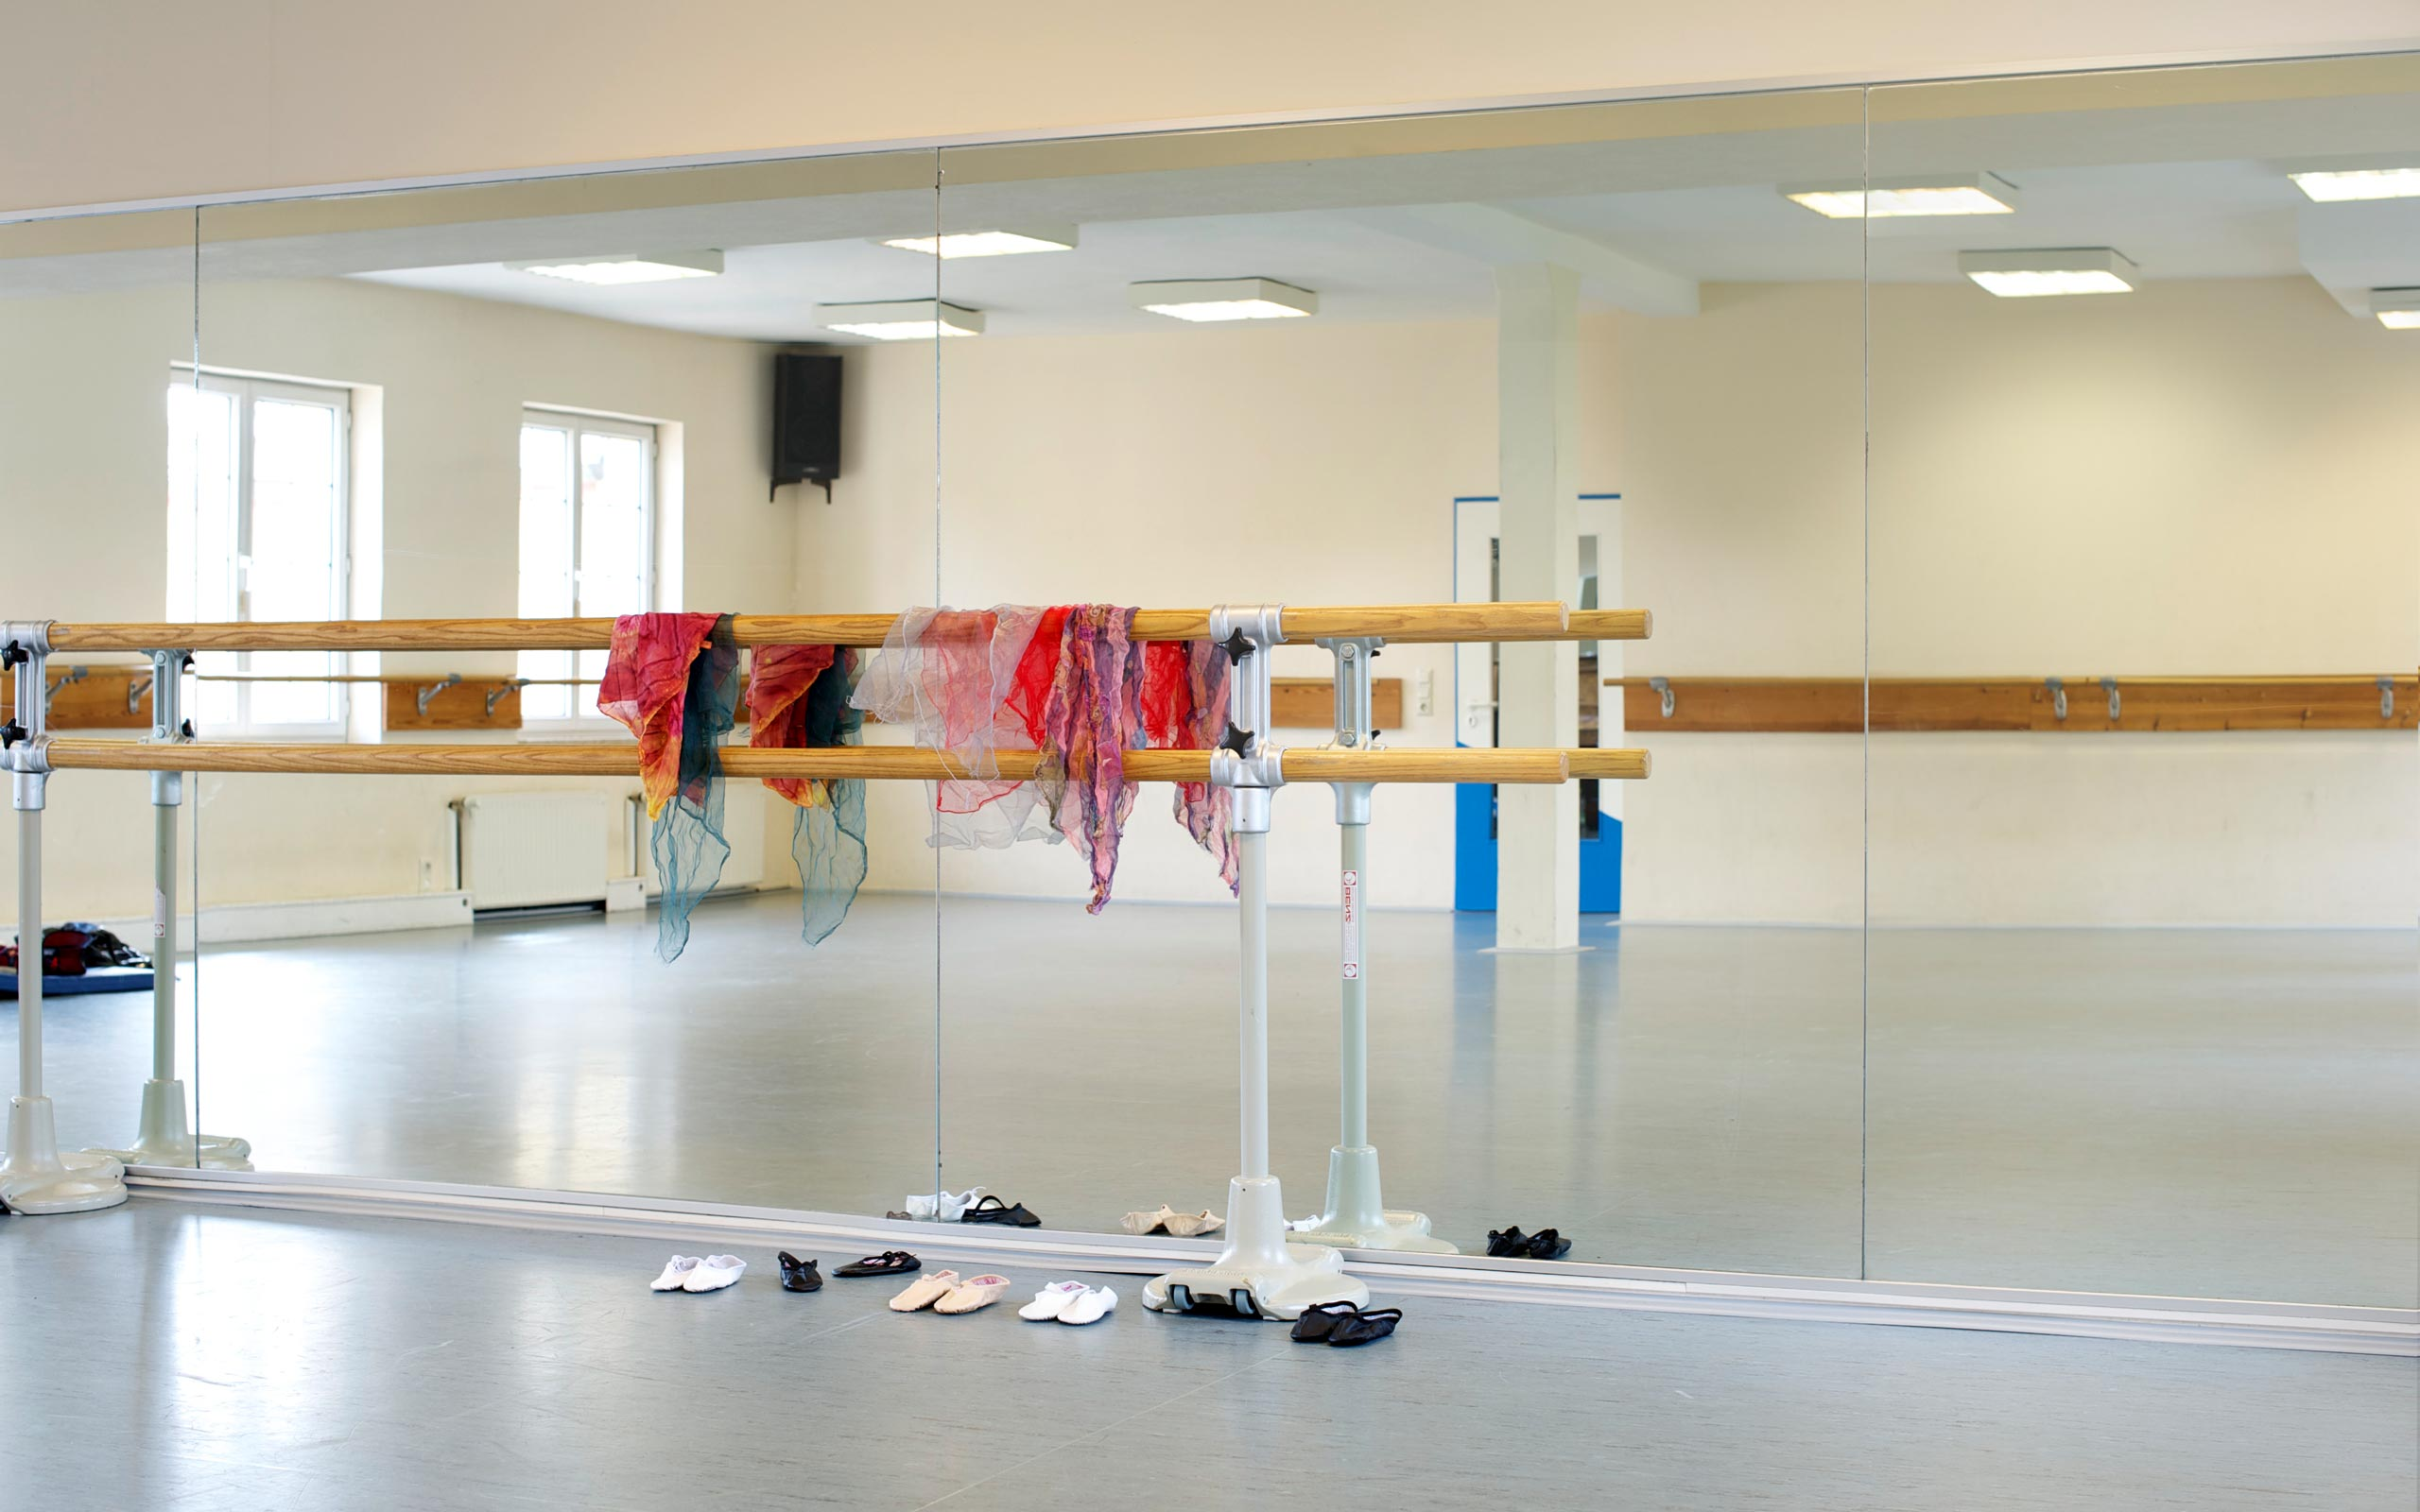 Tanzkurs Kindertanz der Tanzakademie Erxleben mit Spaß und Freude der Kinder am Tanzen